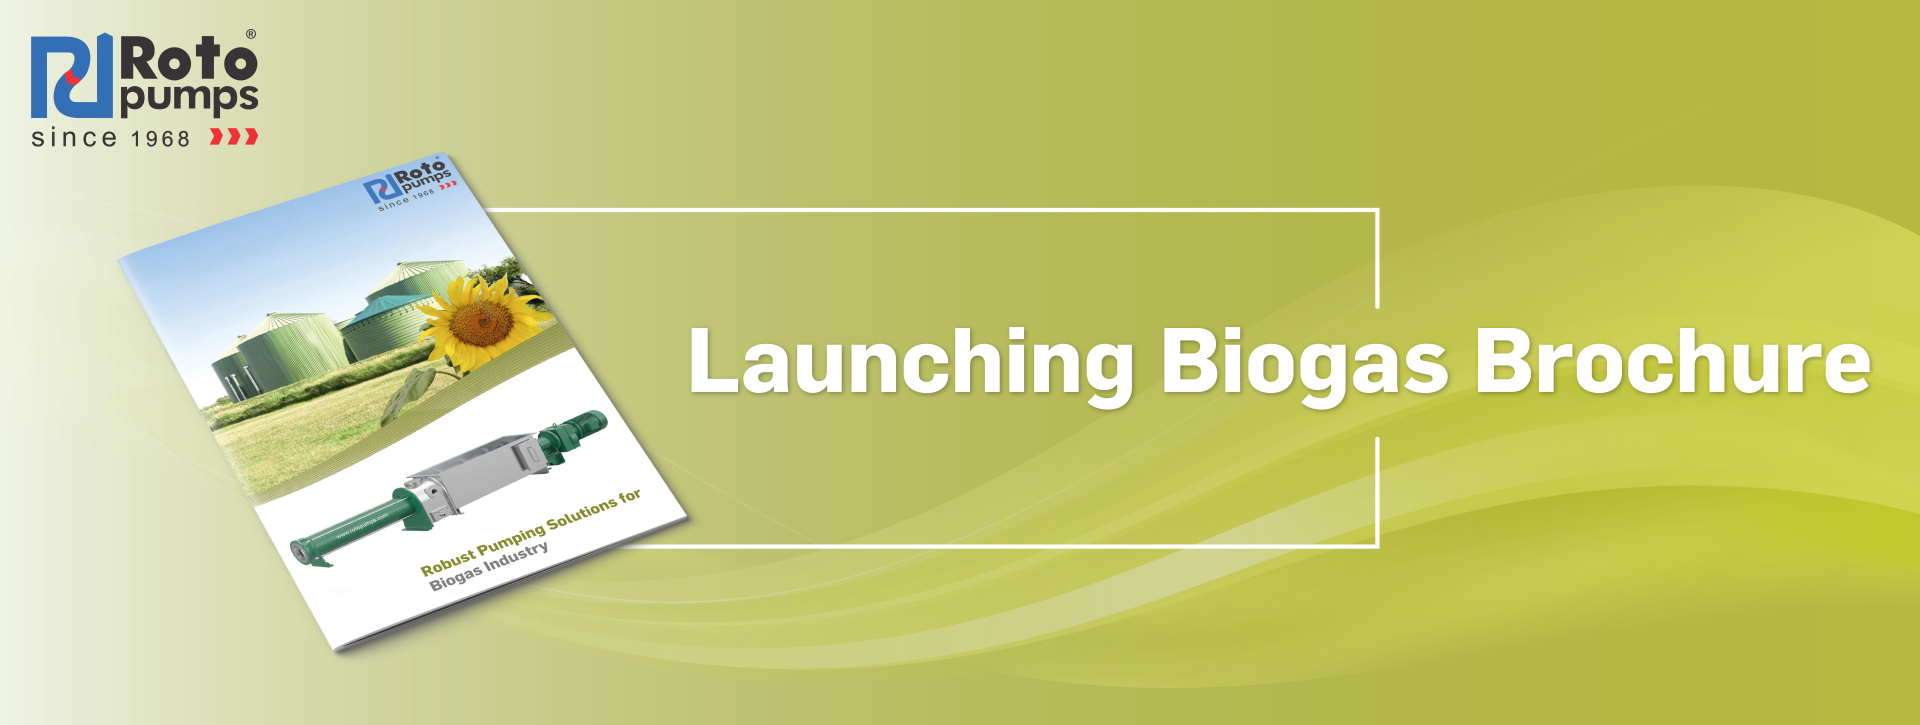 Biogas brochure launch